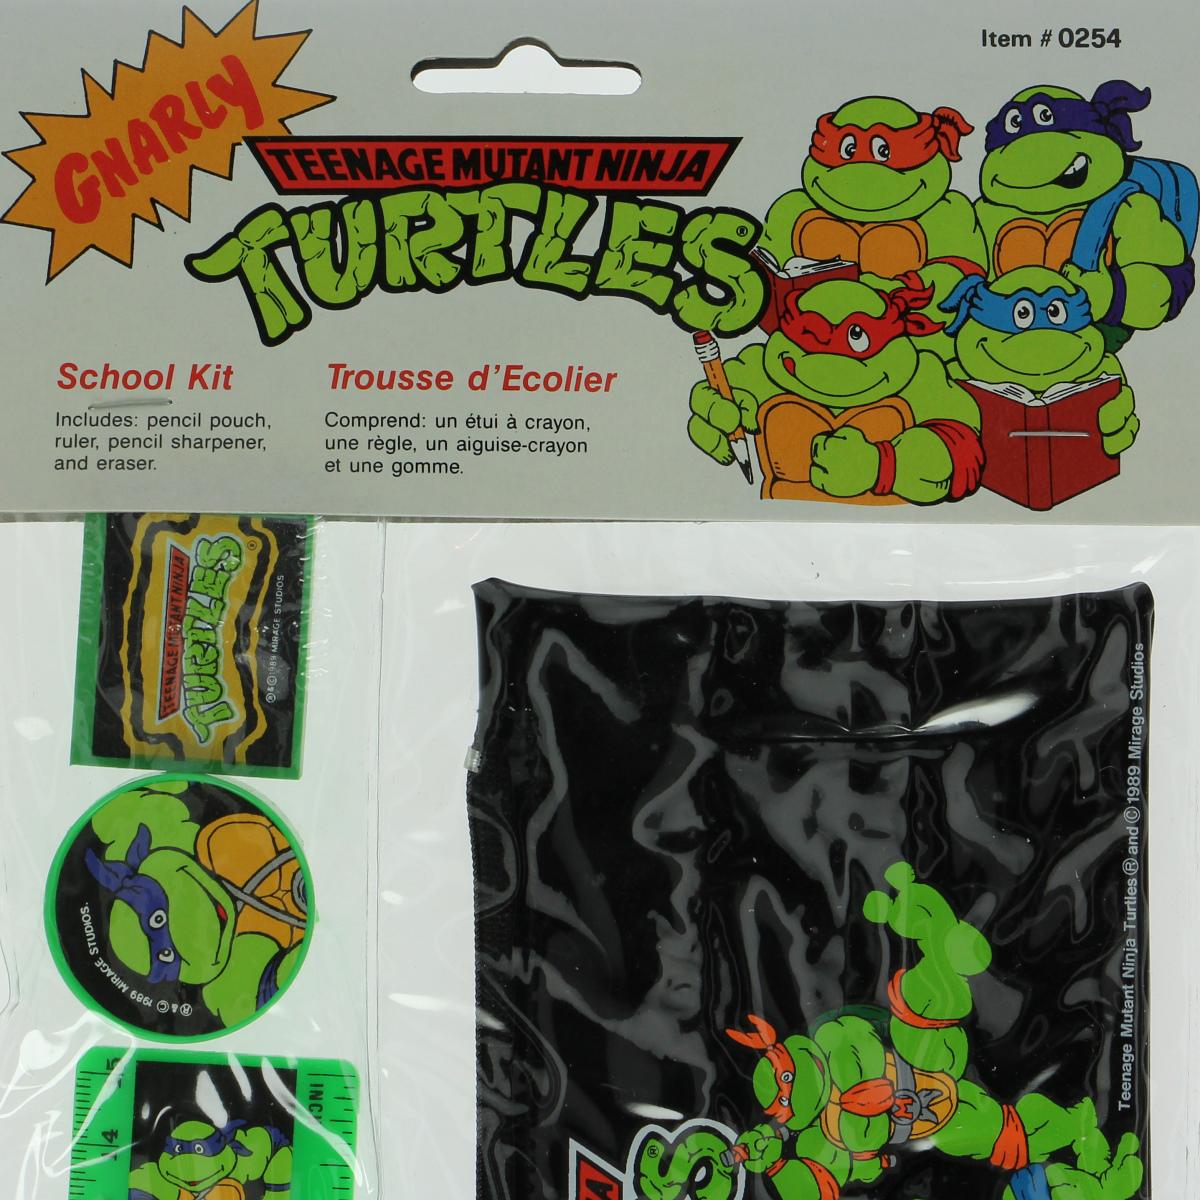 Afbeeldingen van Teenage Mutant Ninja Turtles. Schoolbenodigheden.